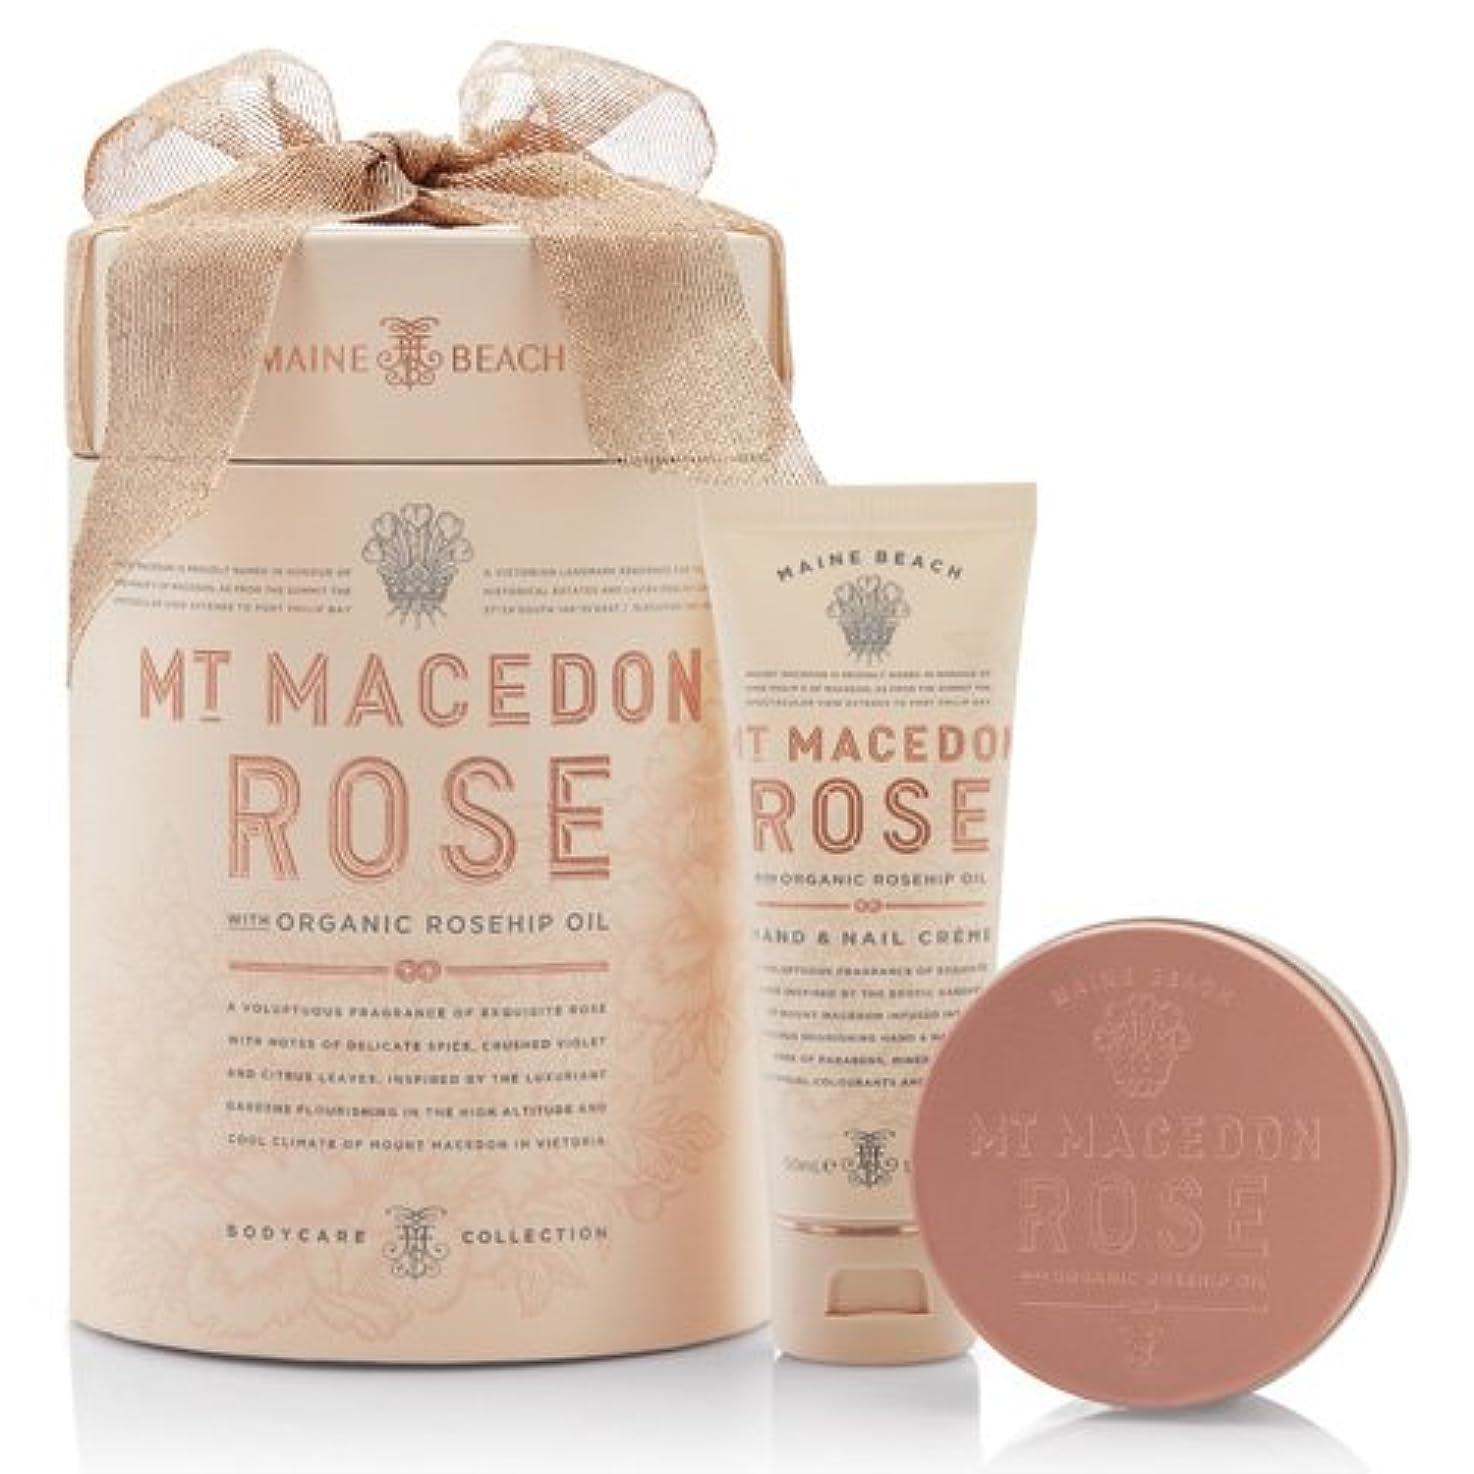 トーナメント法王生き残りMAINE BEACH マインビーチ MT MACEDON ROSE マウント マセドン ローズ Duo Gift Pack